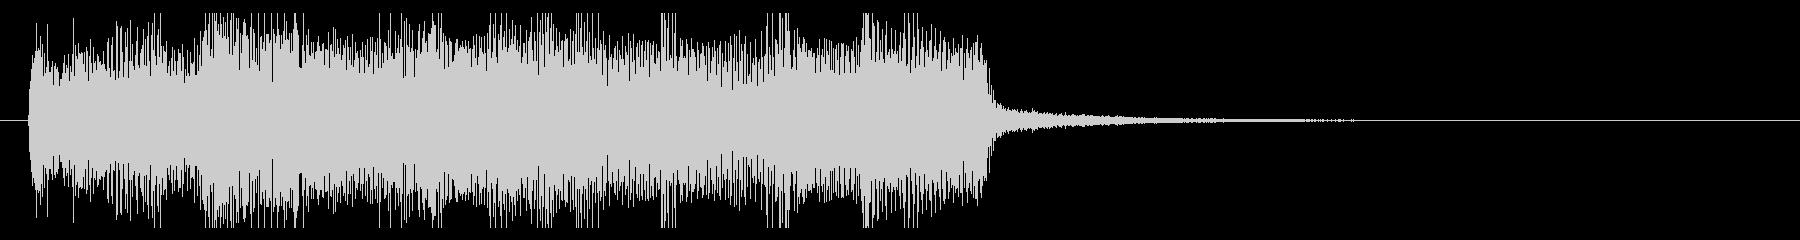 重低音が効いたロック ジングルの未再生の波形